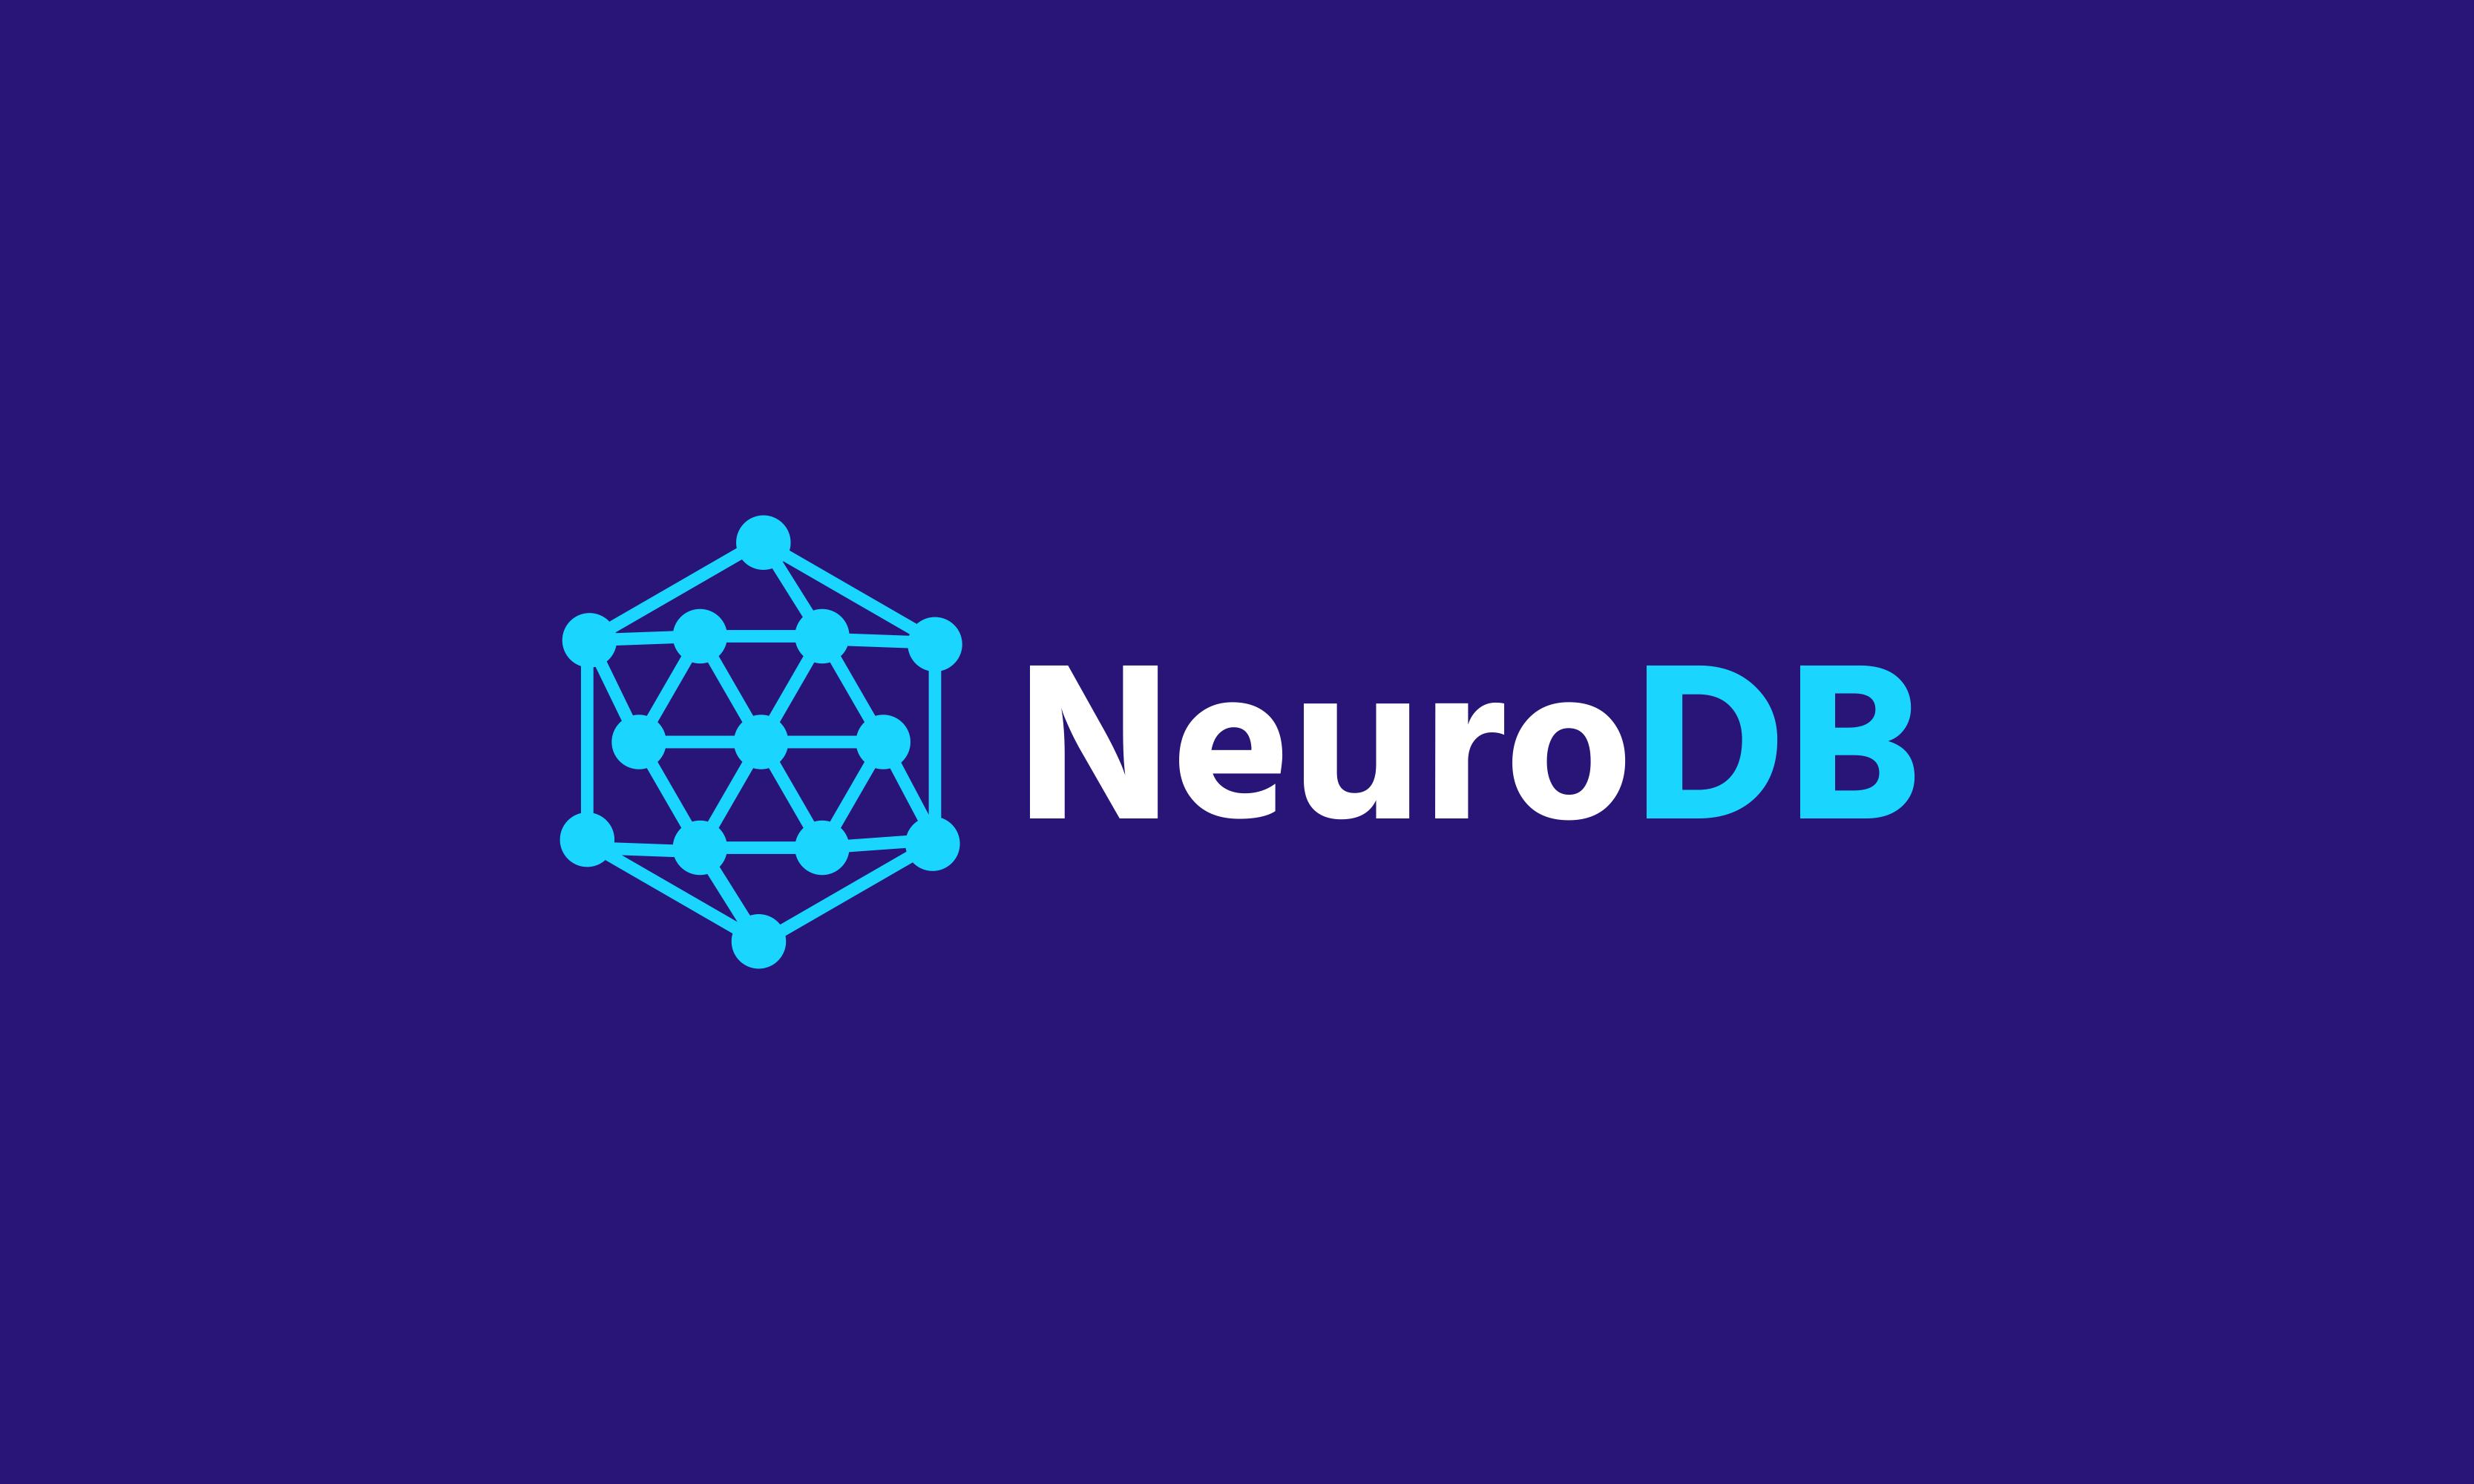 Neurodb